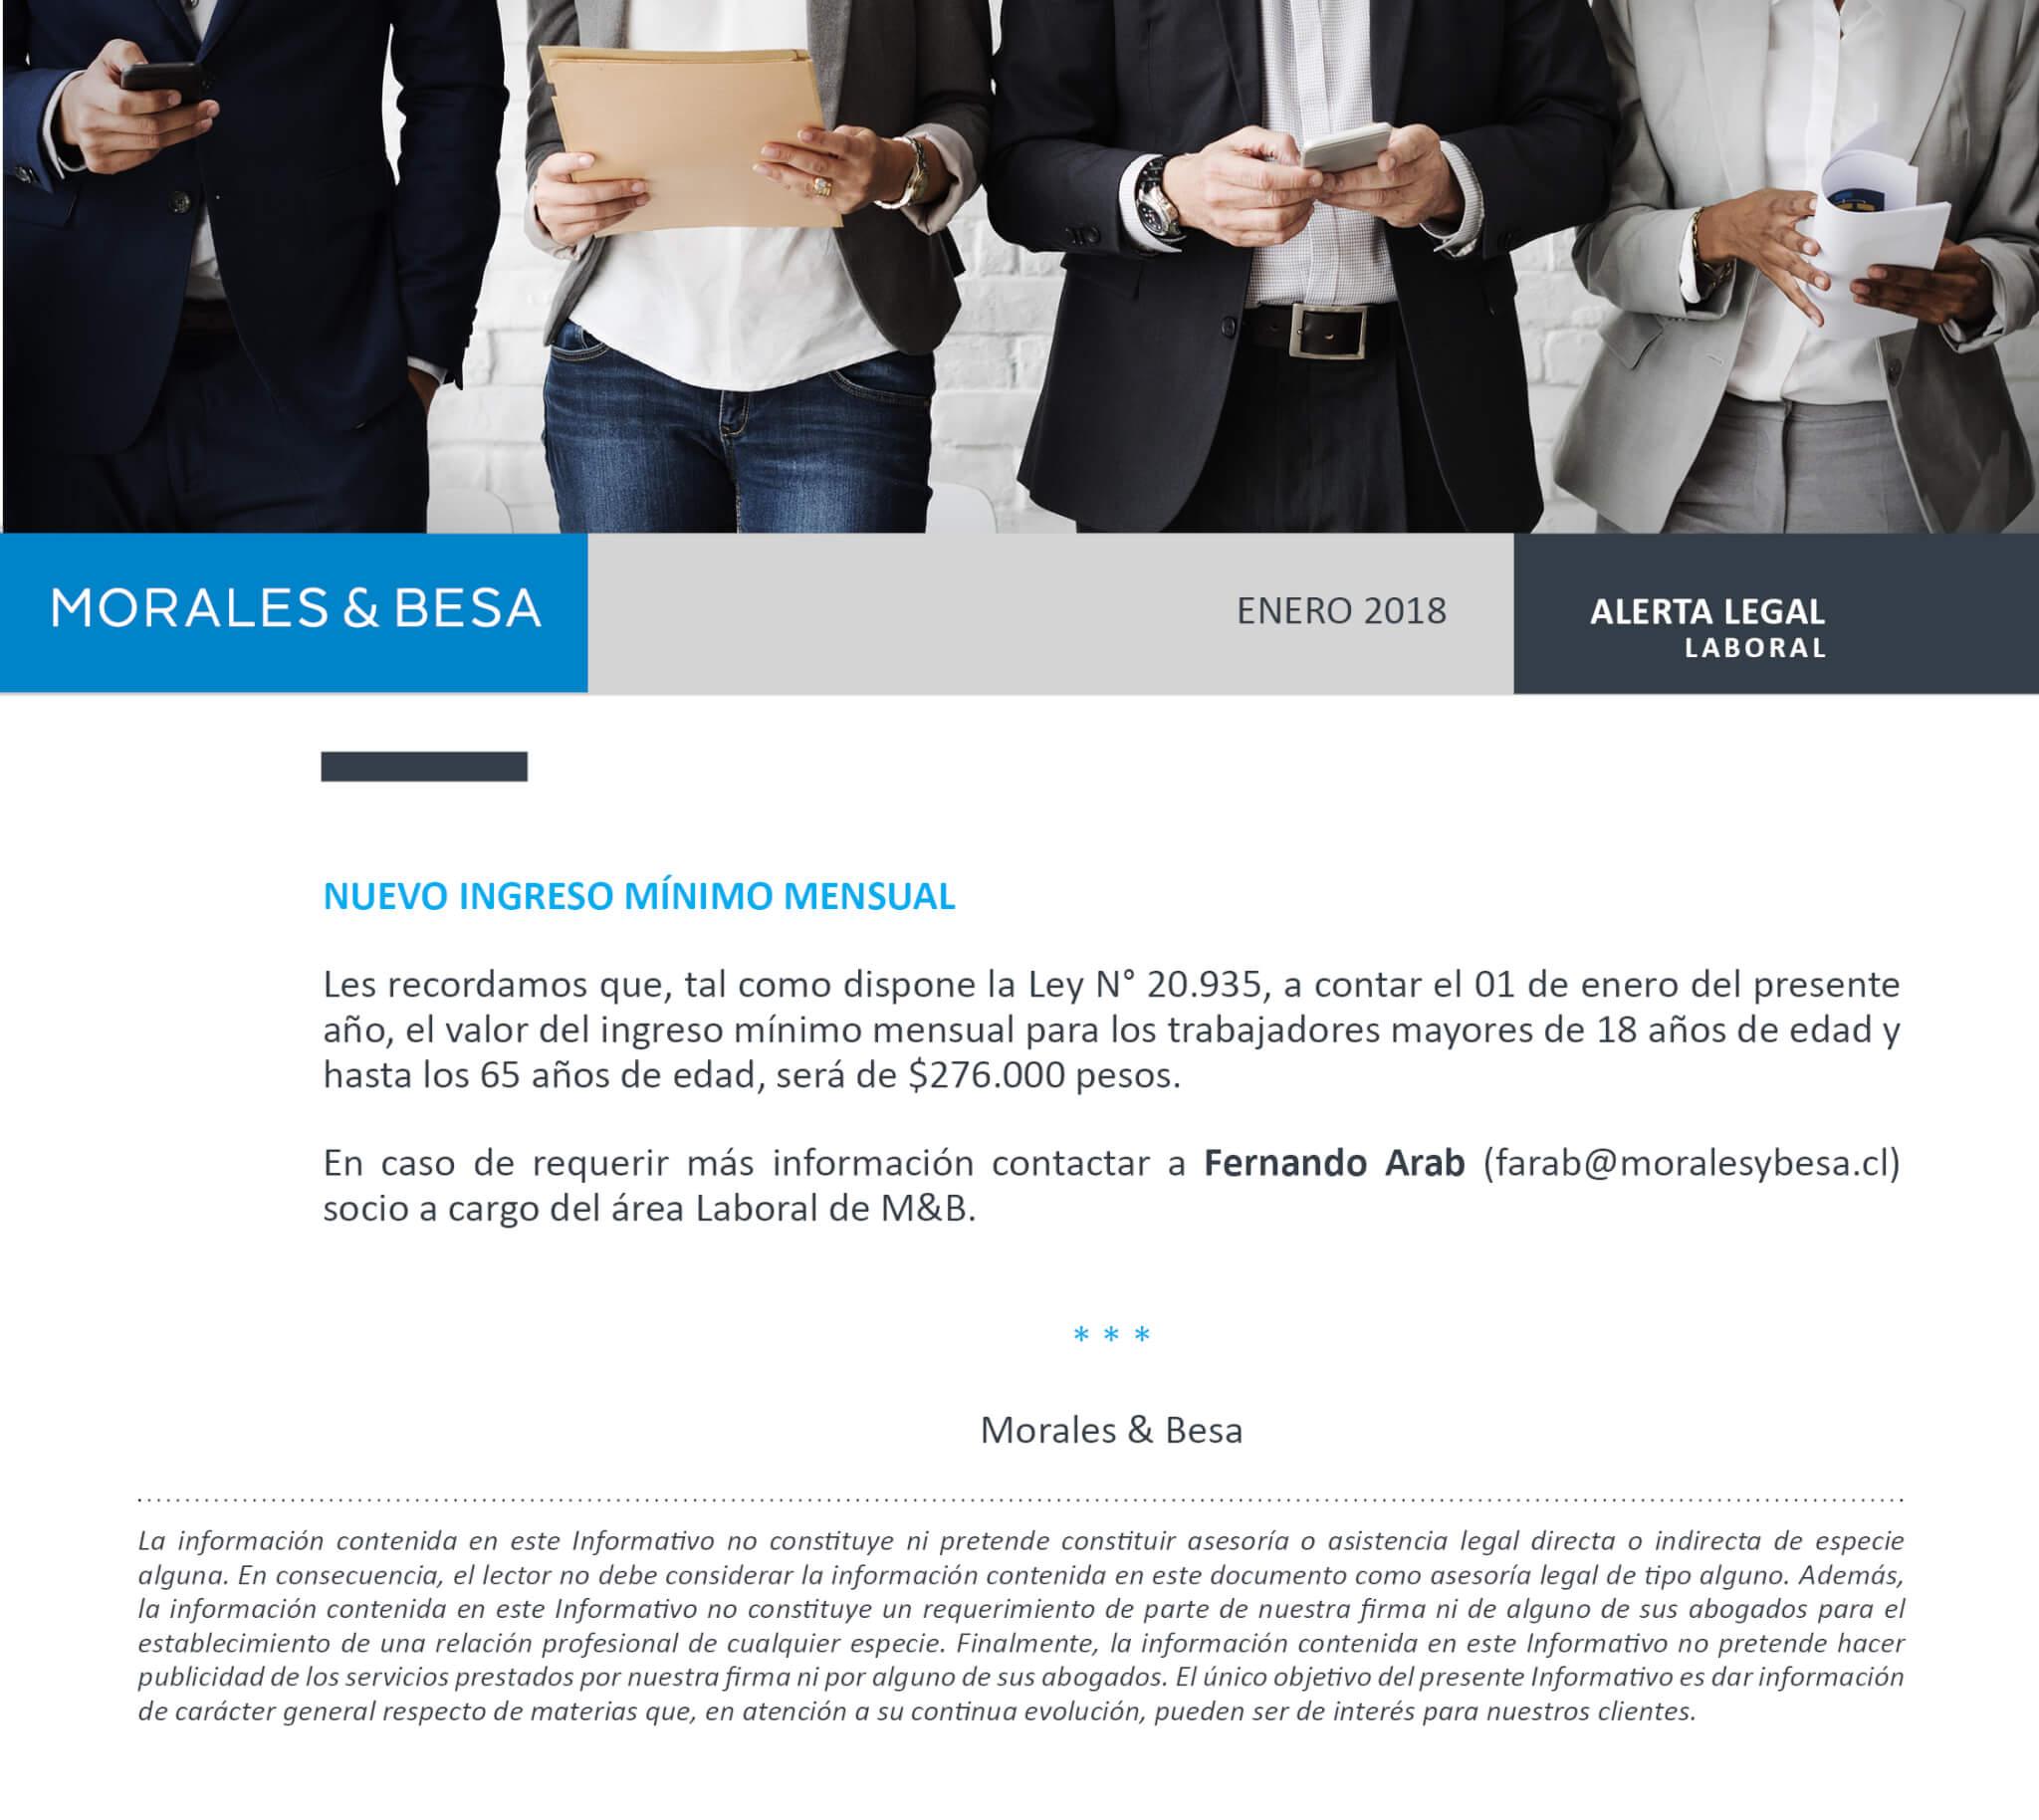 Morales & Besa_Alerta Legal_Laboral_Salario Mínimo_Enero 2018